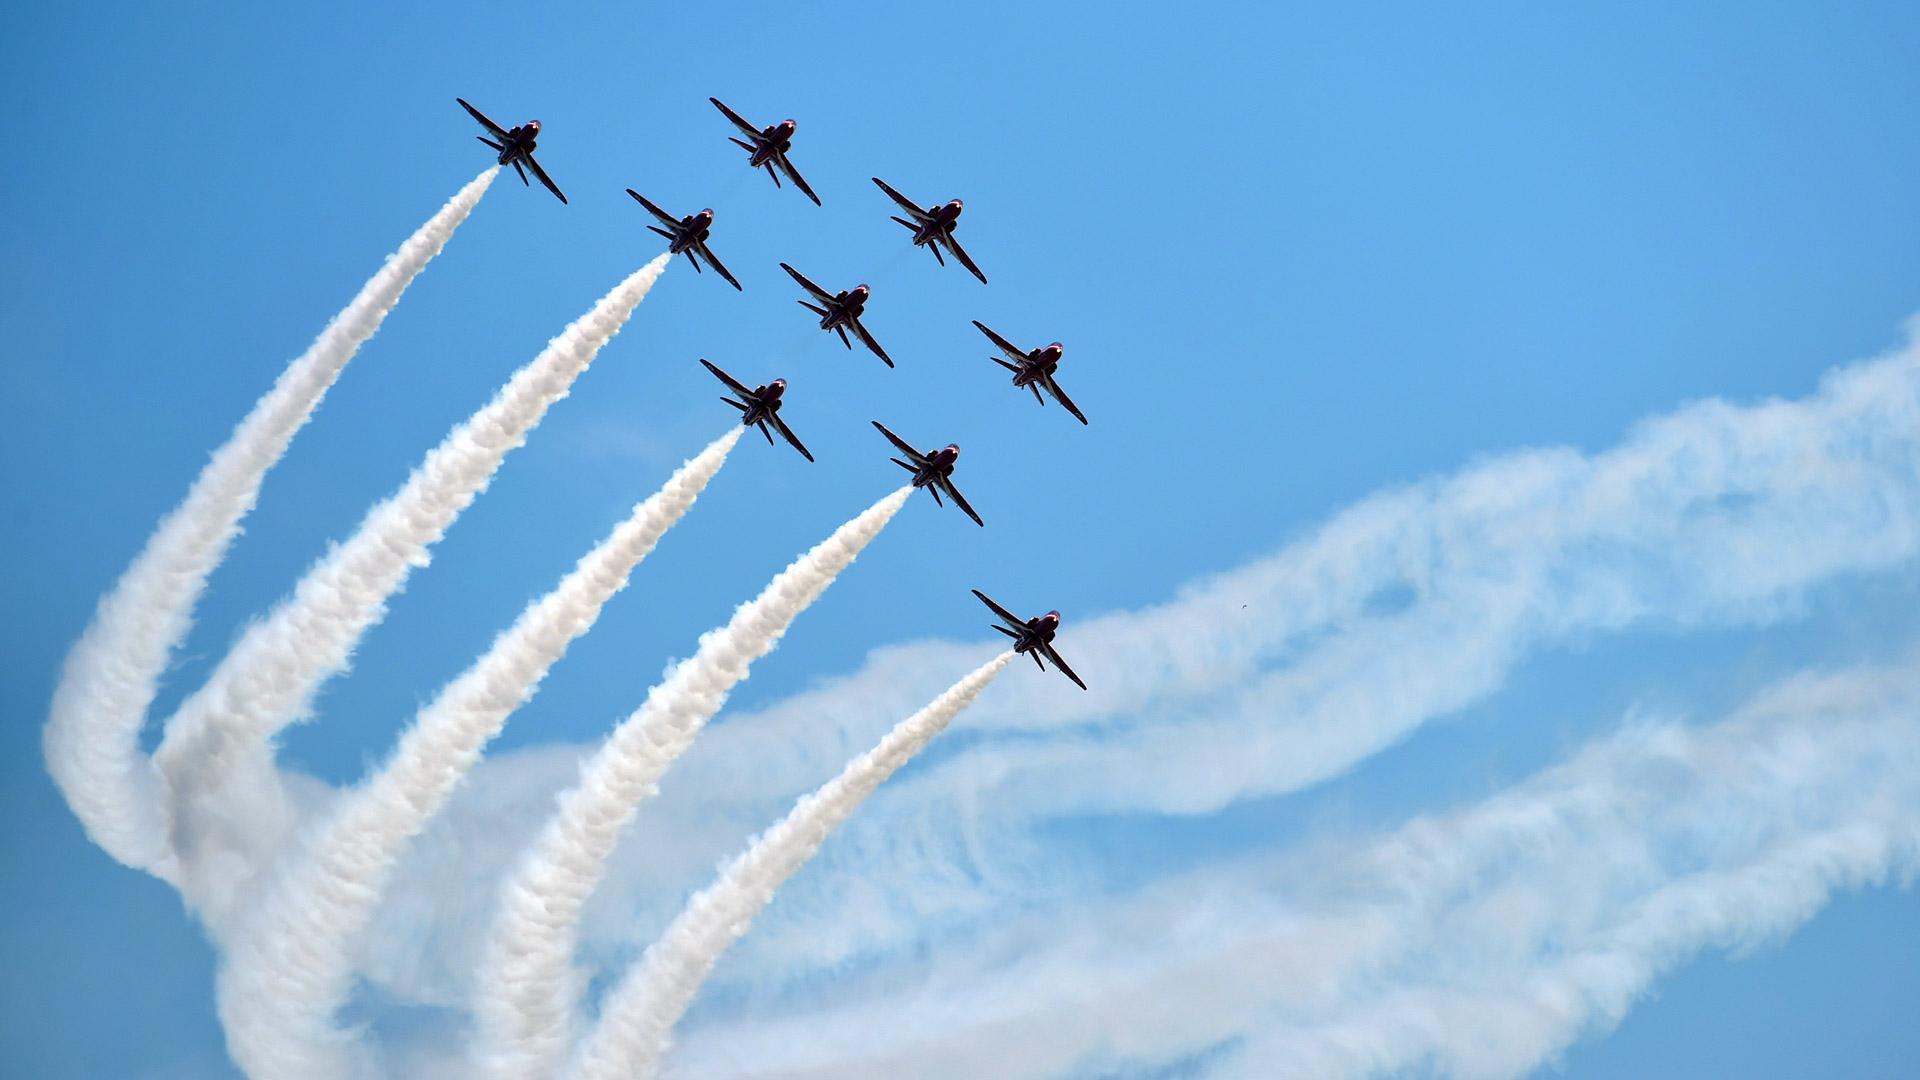 10月27日,英国皇家空军红箭飞行表演队在表演中。当日,参加第十一届中国国际航空航天博览会的英国皇家空军红箭飞行表演队在珠海进行首场公开表演,这也是红箭在中国的首秀,炫目的特技动作引起强烈关注。新华社记者梁旭摄